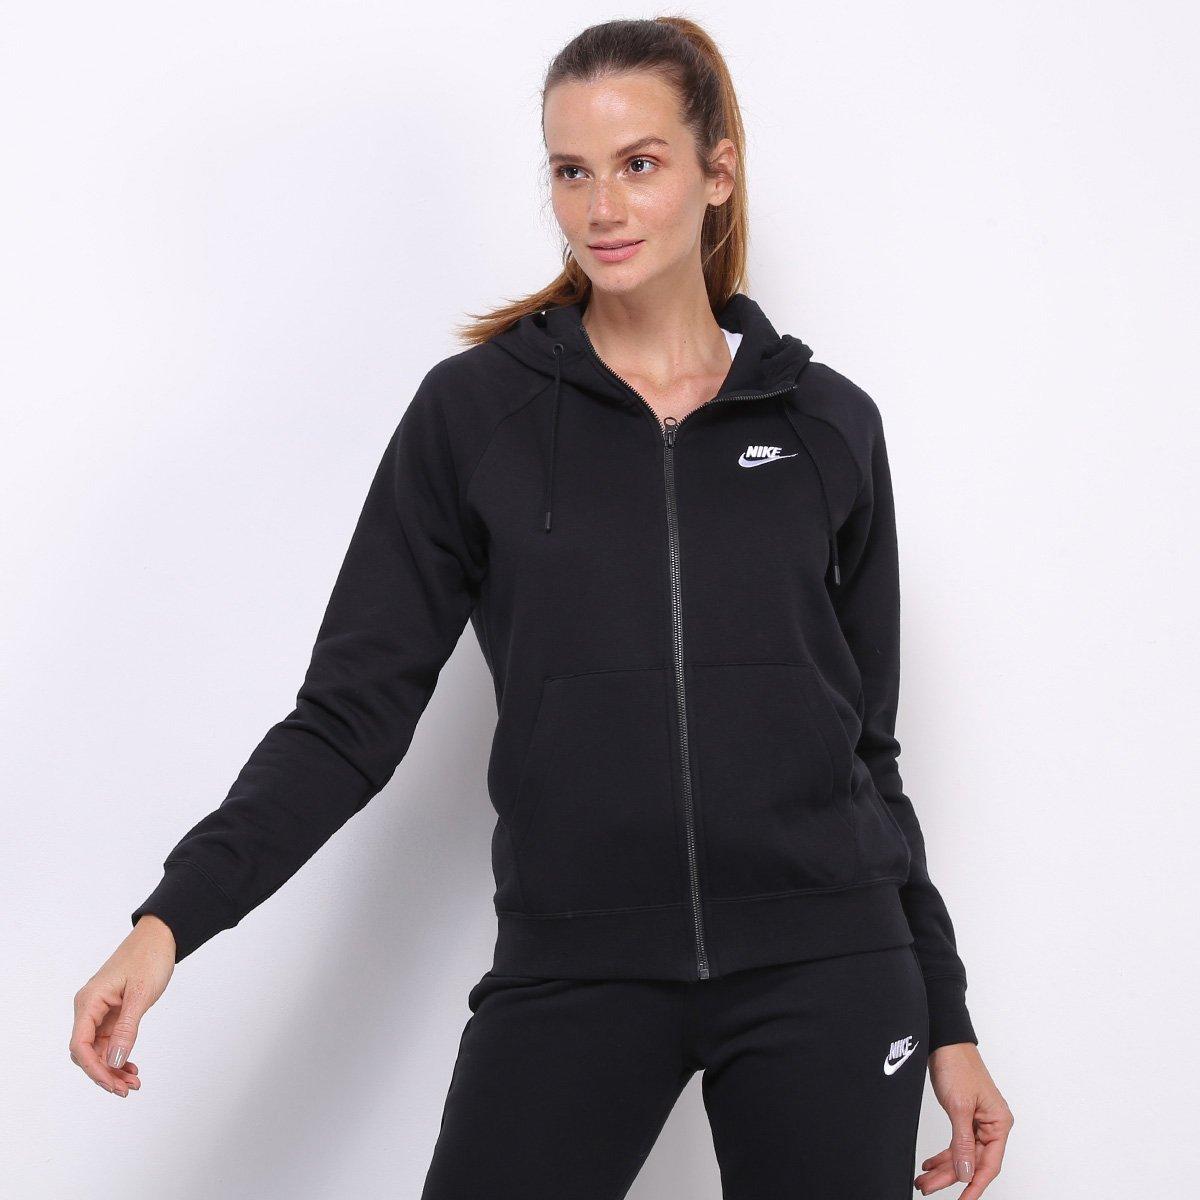 Moletom  Nike Essential NSW c/ Capuz Feminino